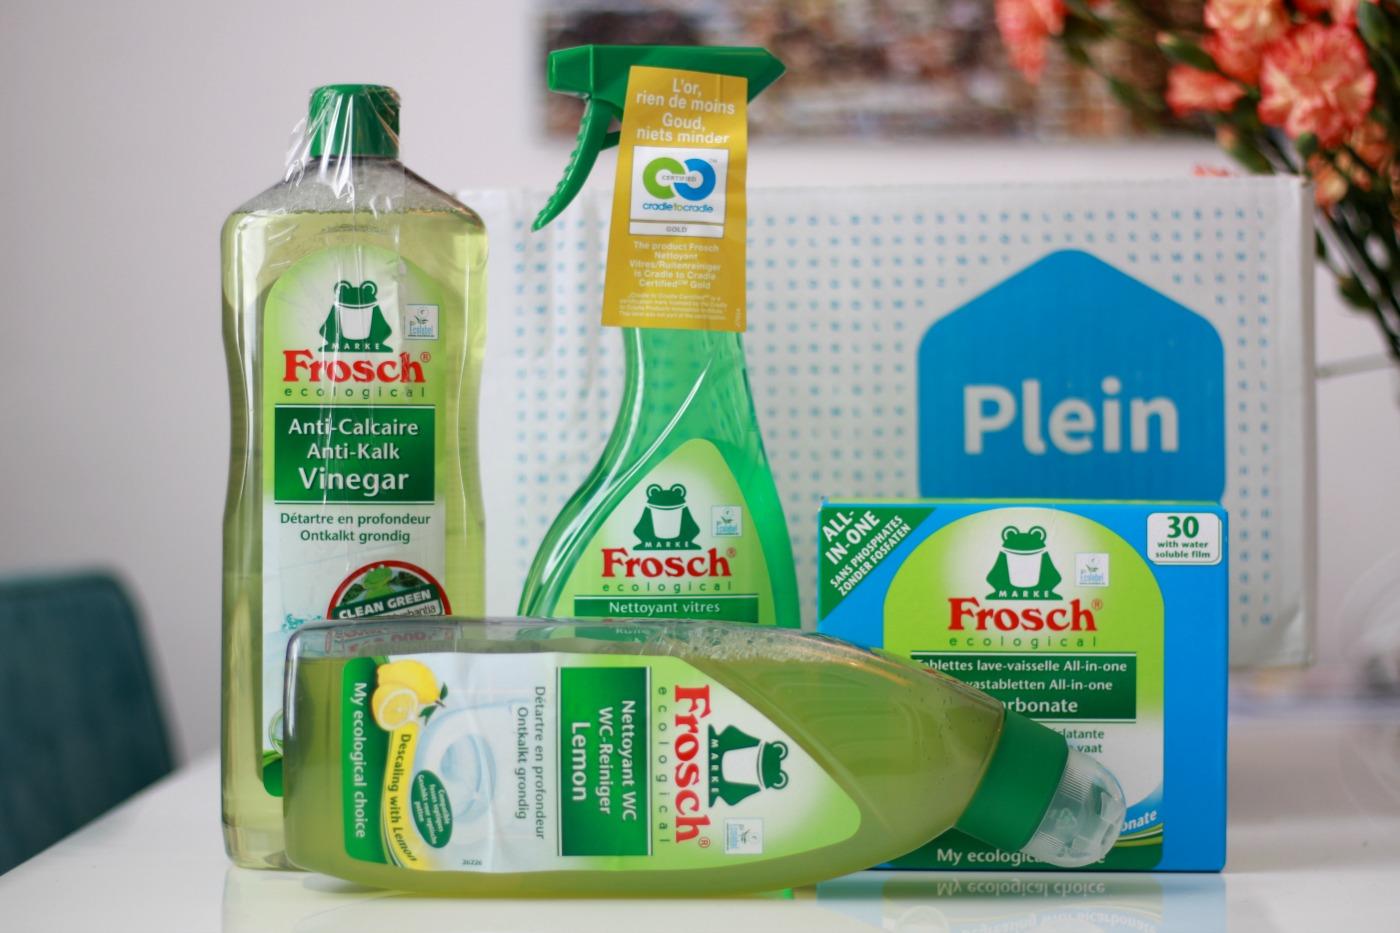 Frosch ecologisch